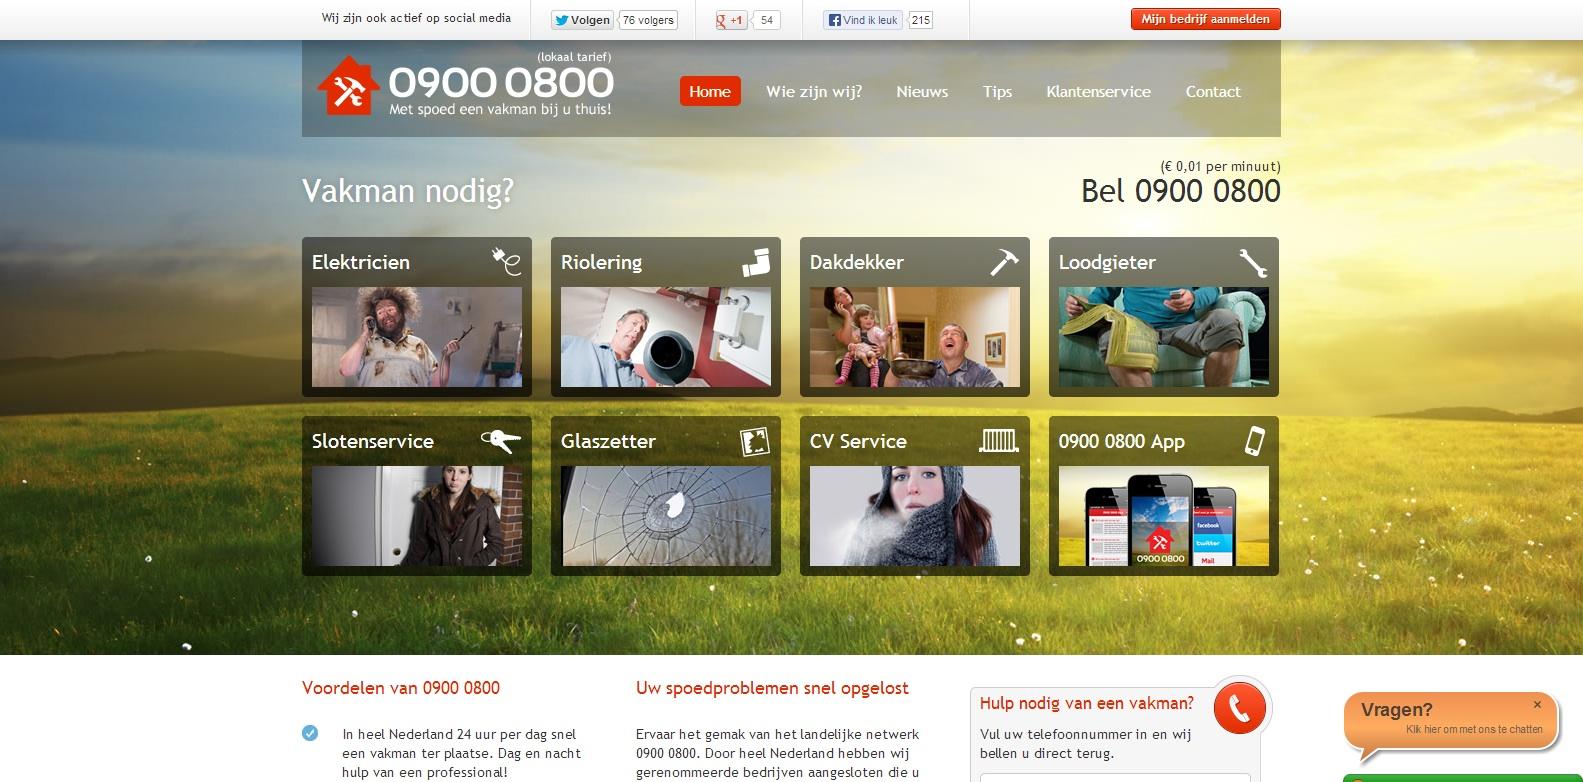 Waar is de online verkoper bij 09000800 - livechat